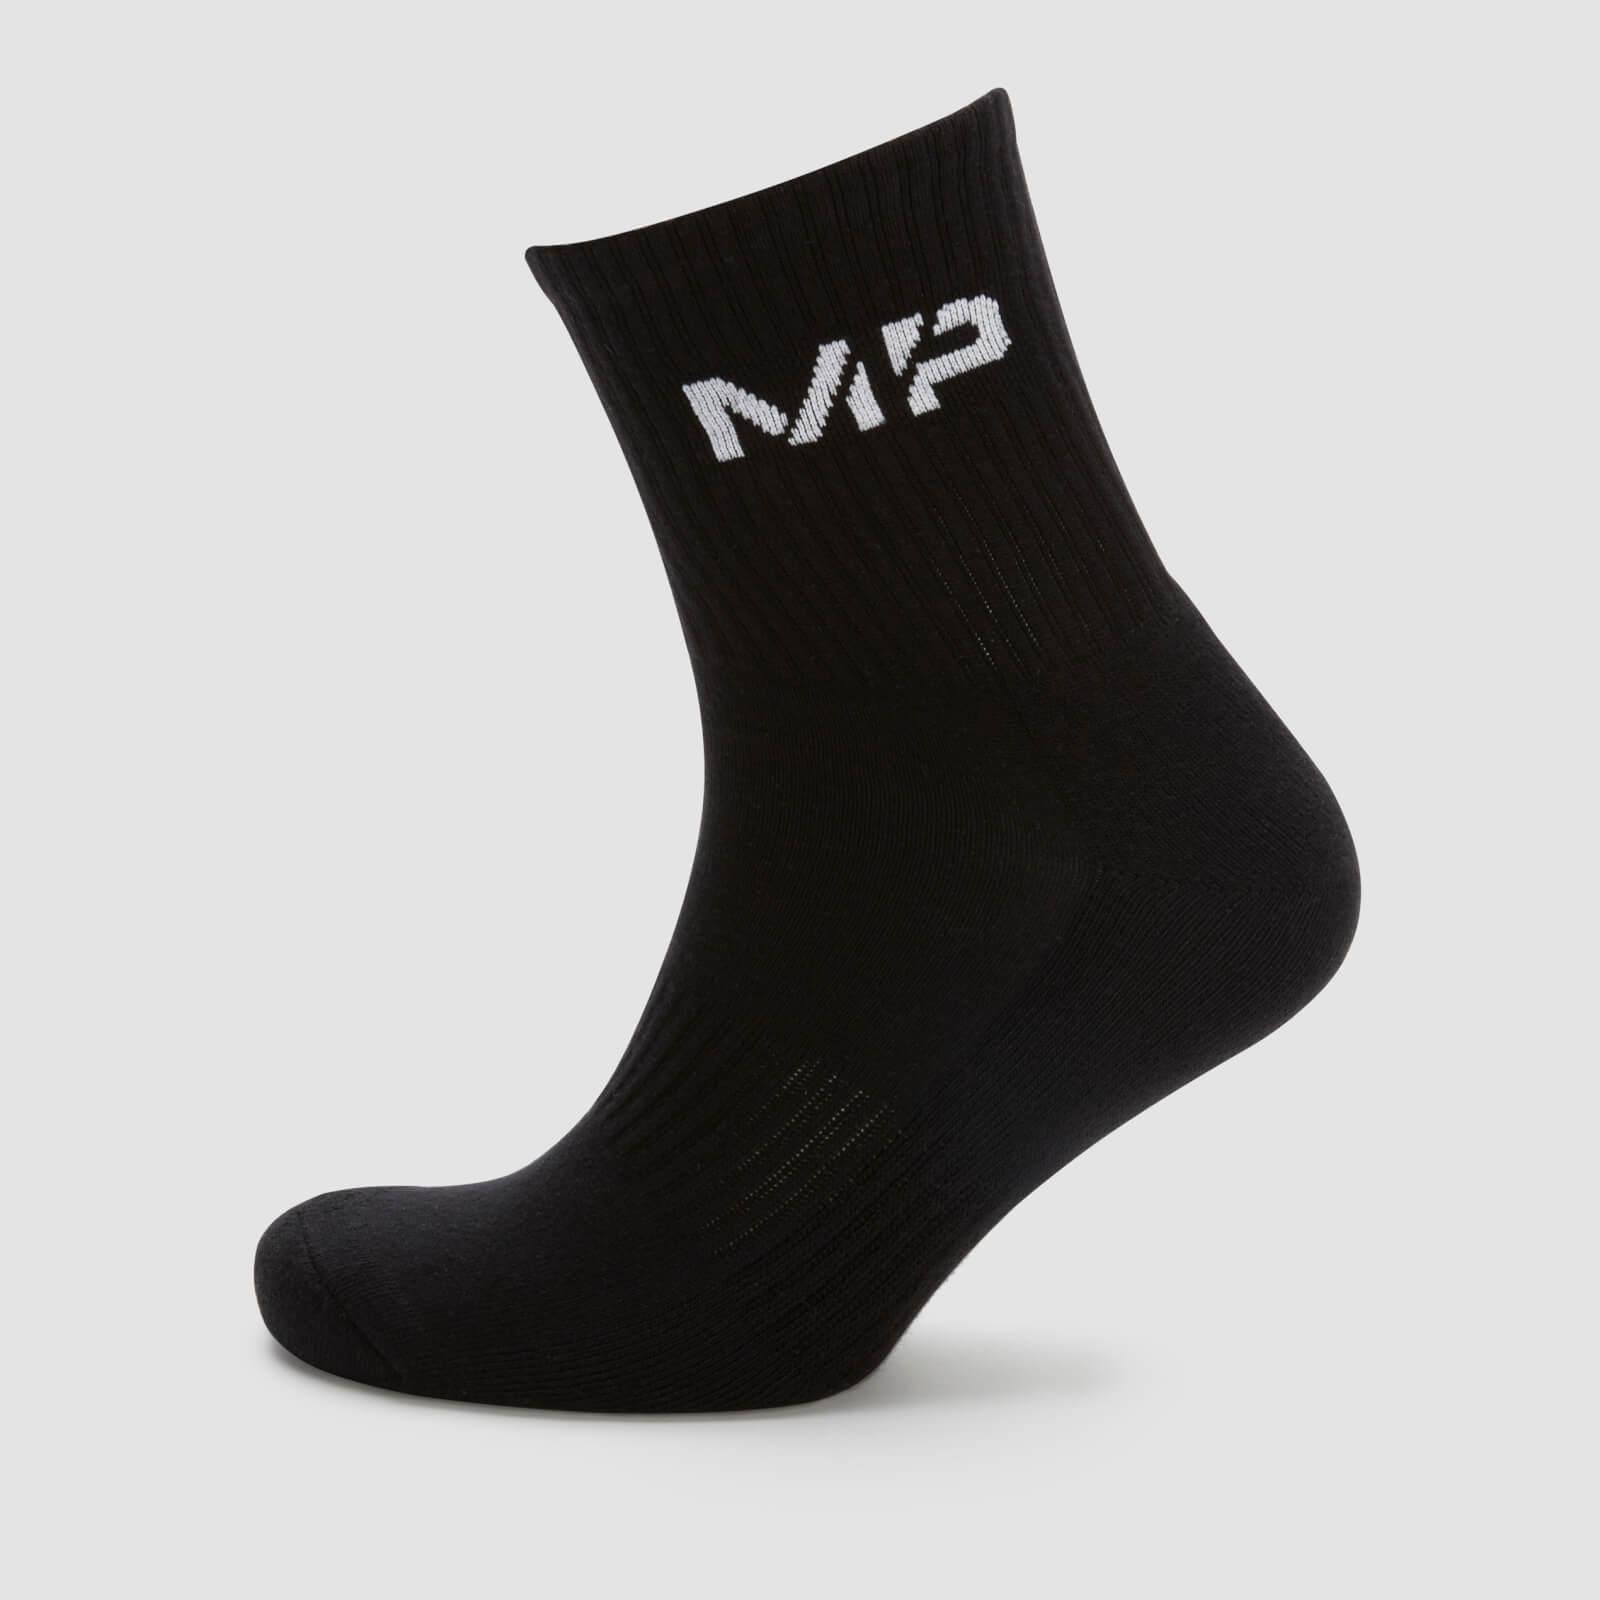 Chaussettes de tennis pour homme - Noir - UK 9-12